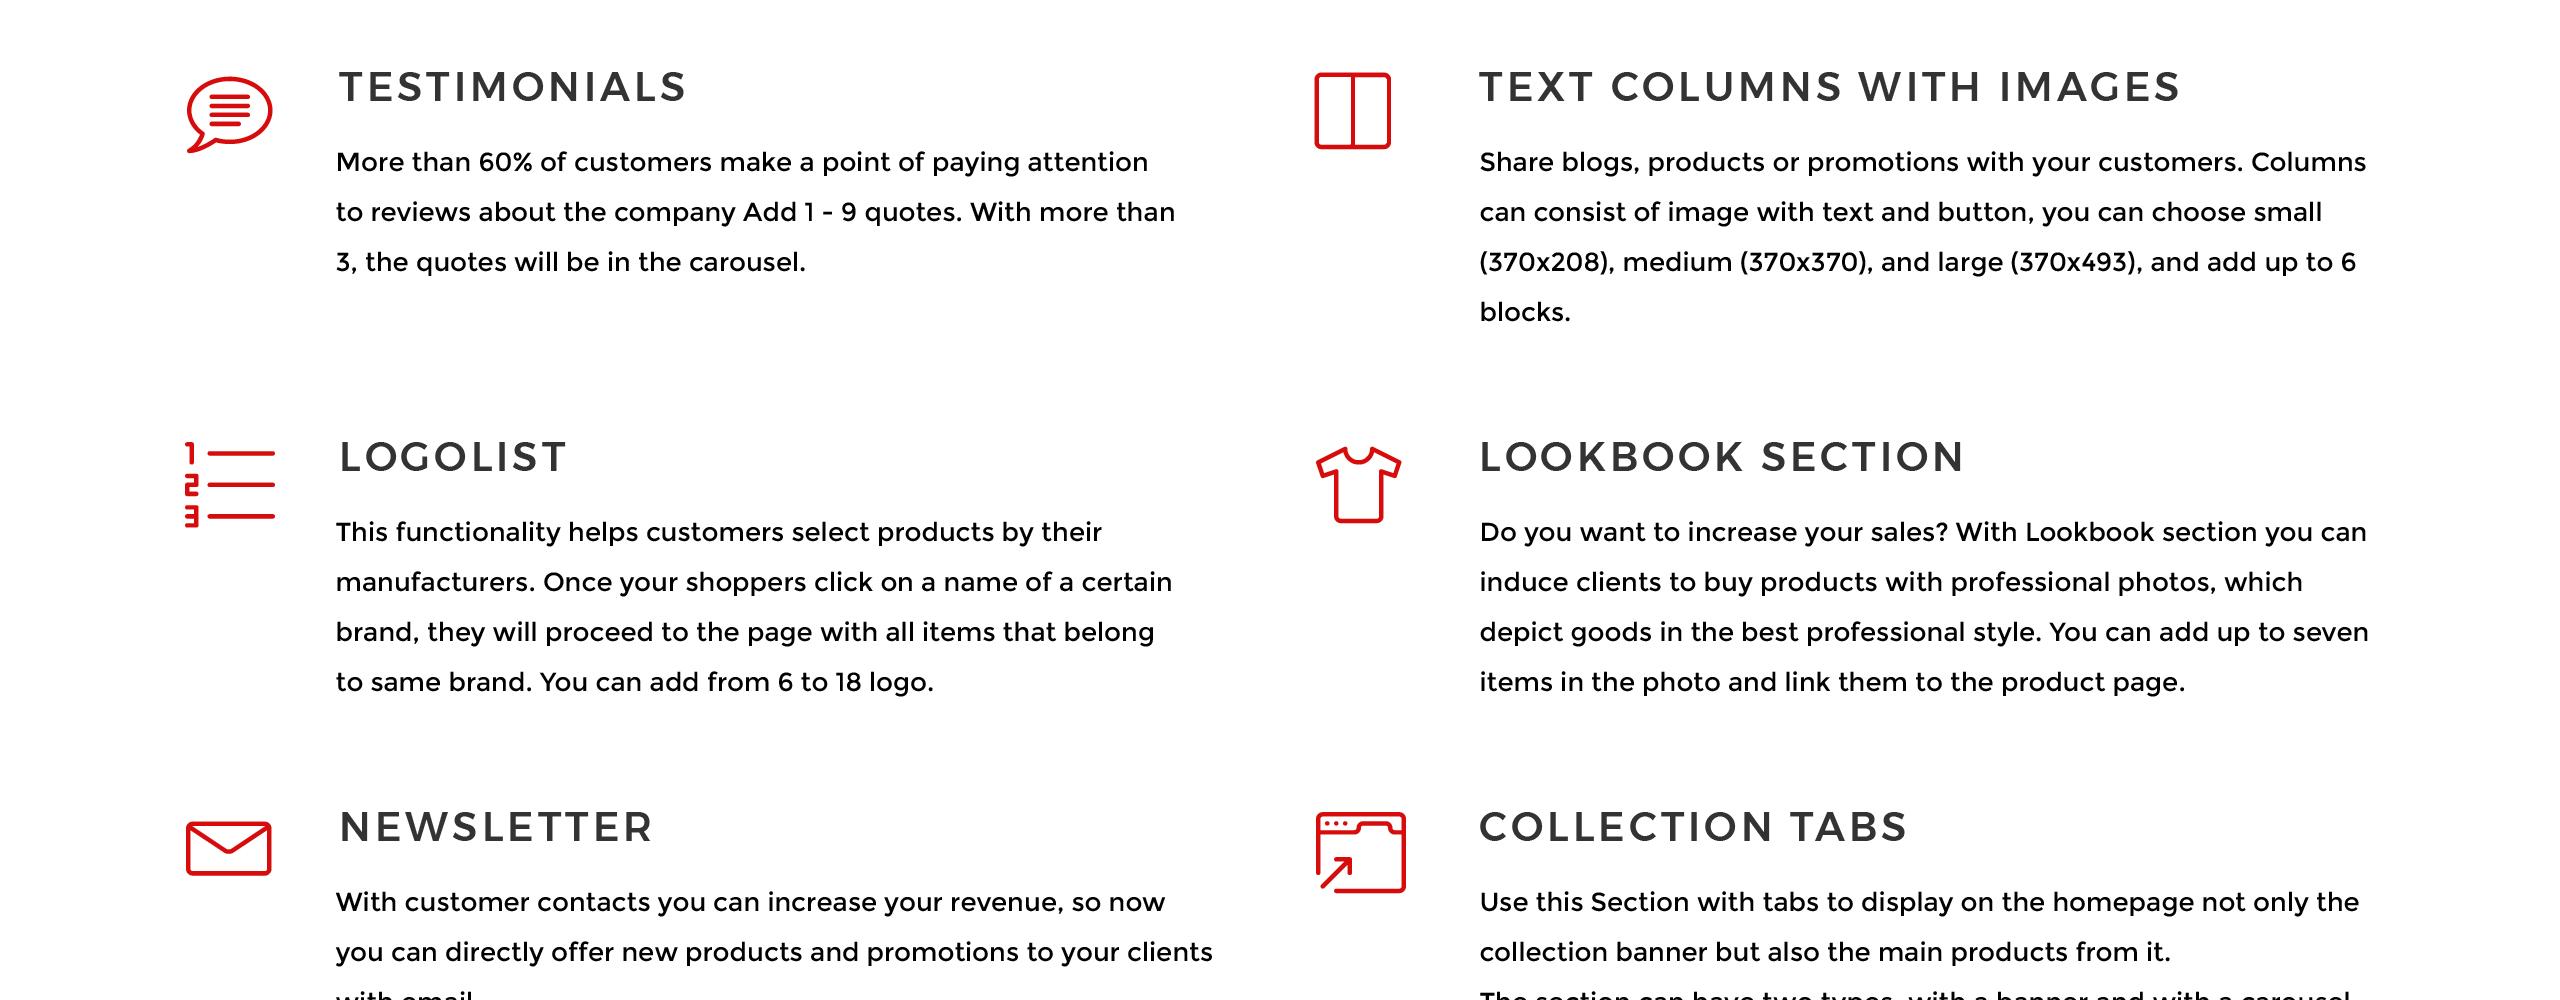 Website Design Template 75795 - shopify storeundefined